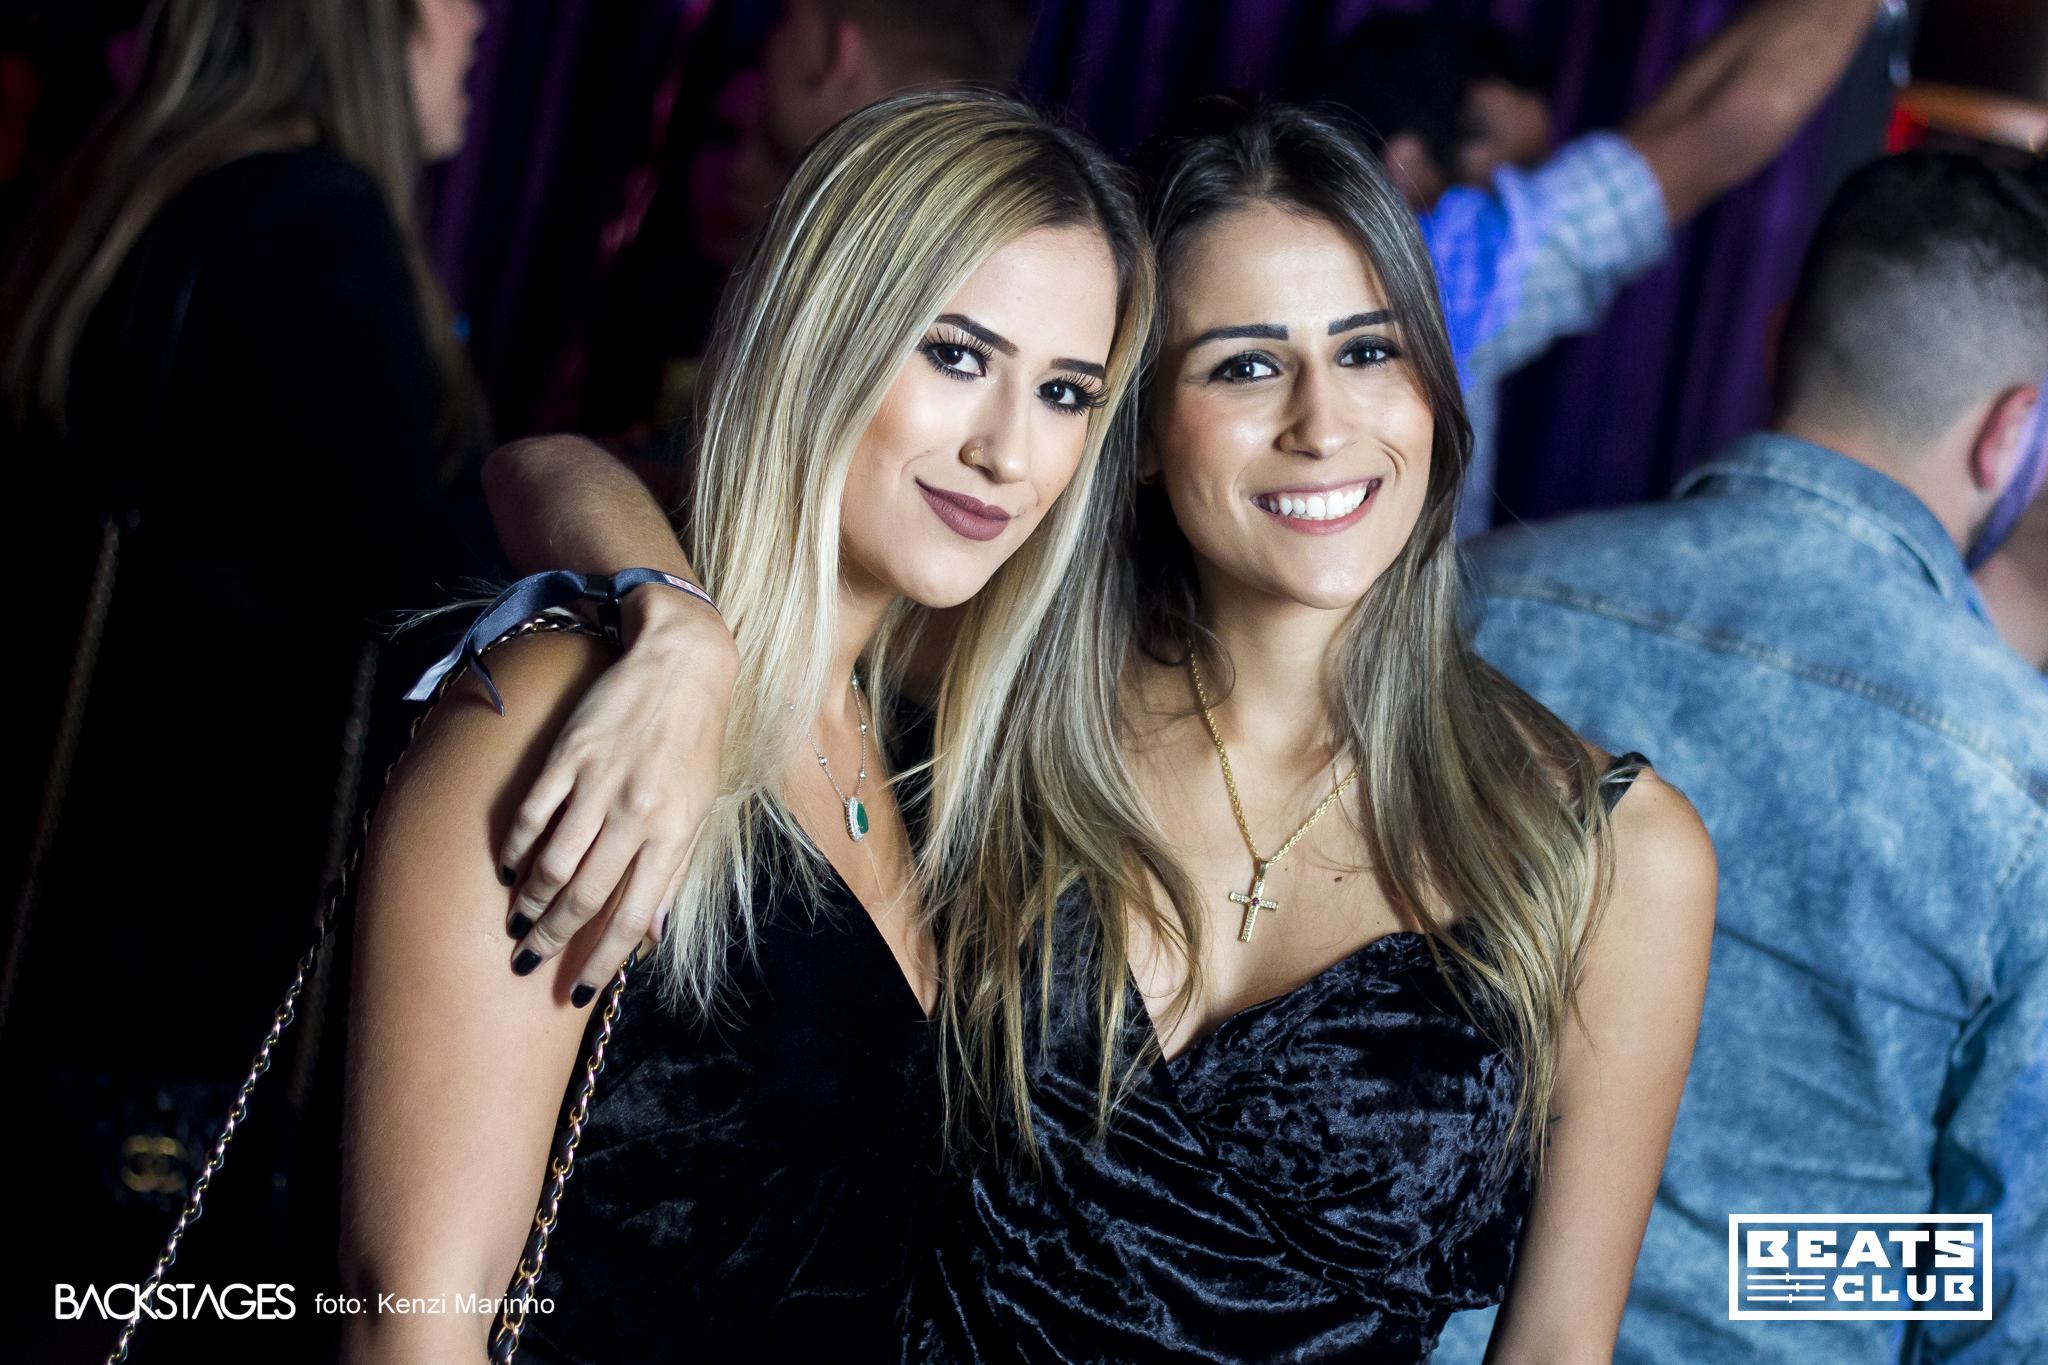 Beats Club - Inauguração 06.05.2017 - Kenzi Marinho (54)